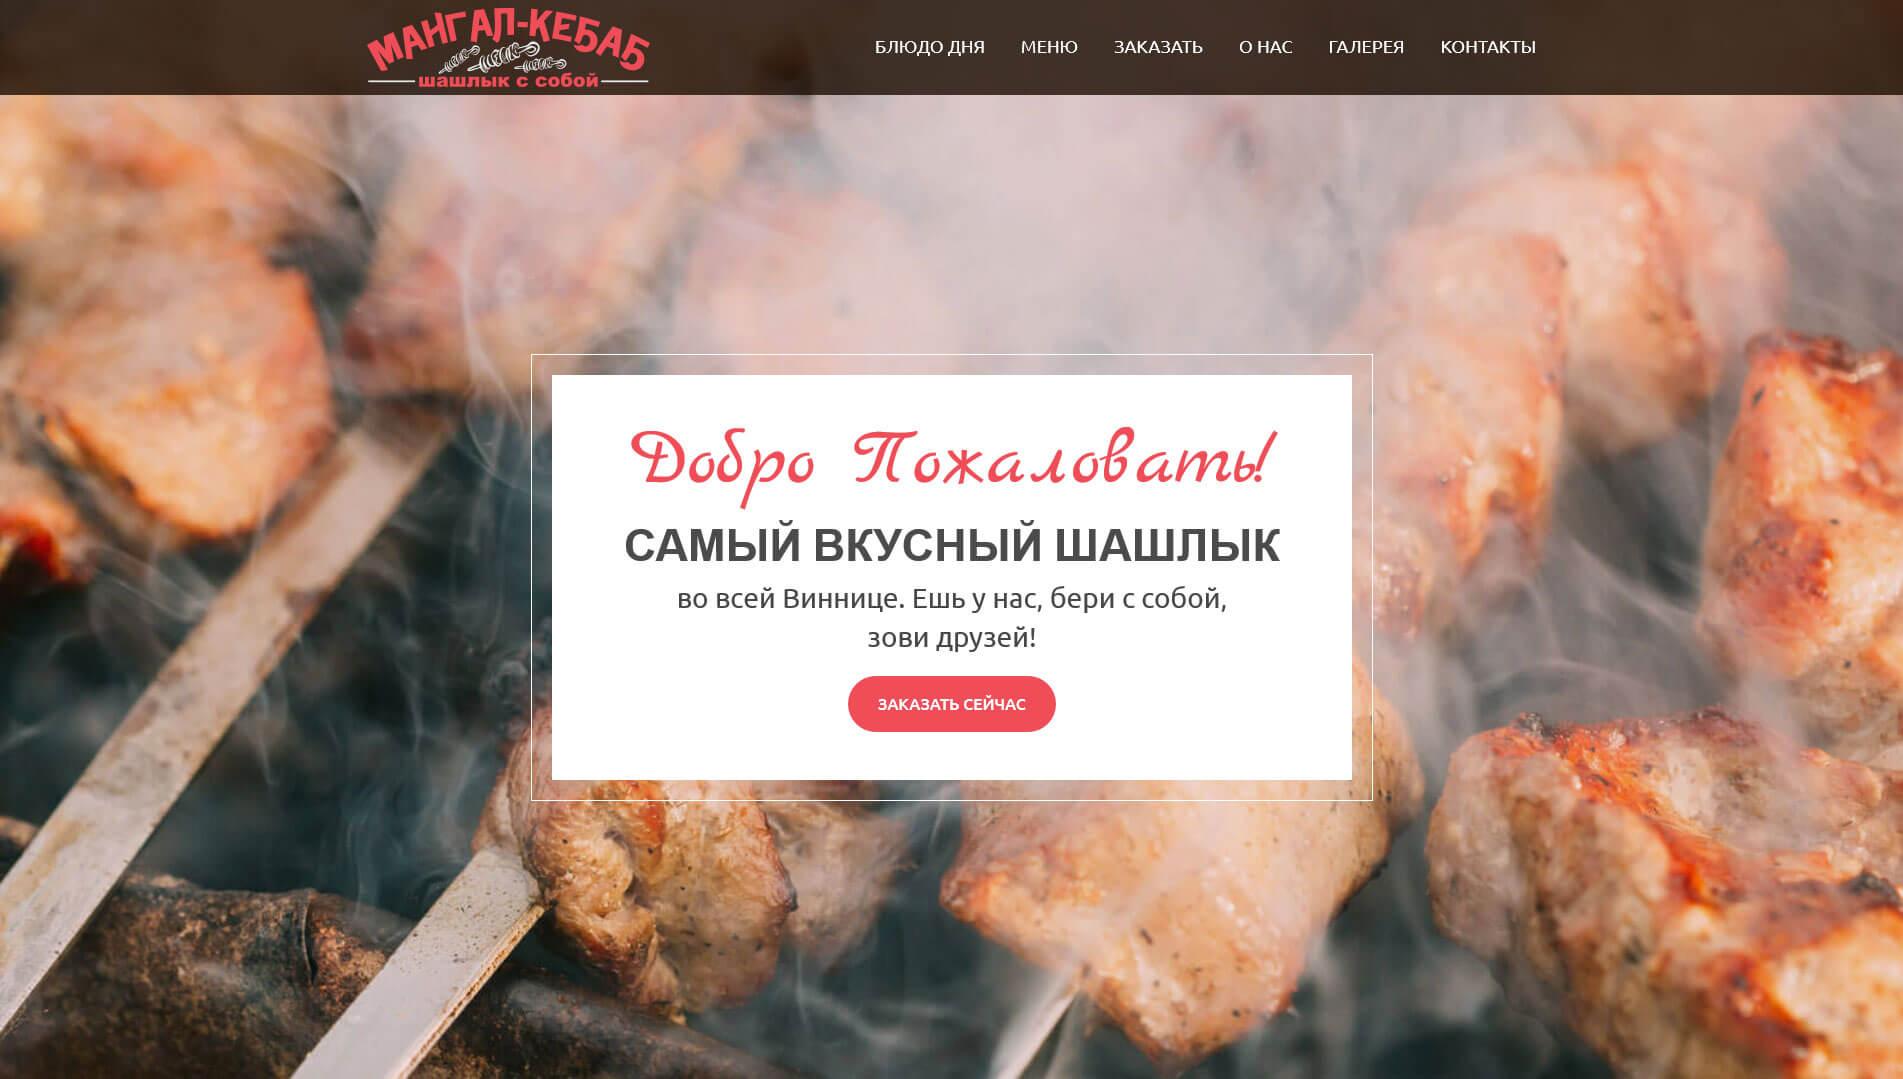 Создание одностраничного сайта для ресторана Мангал-Кебаб